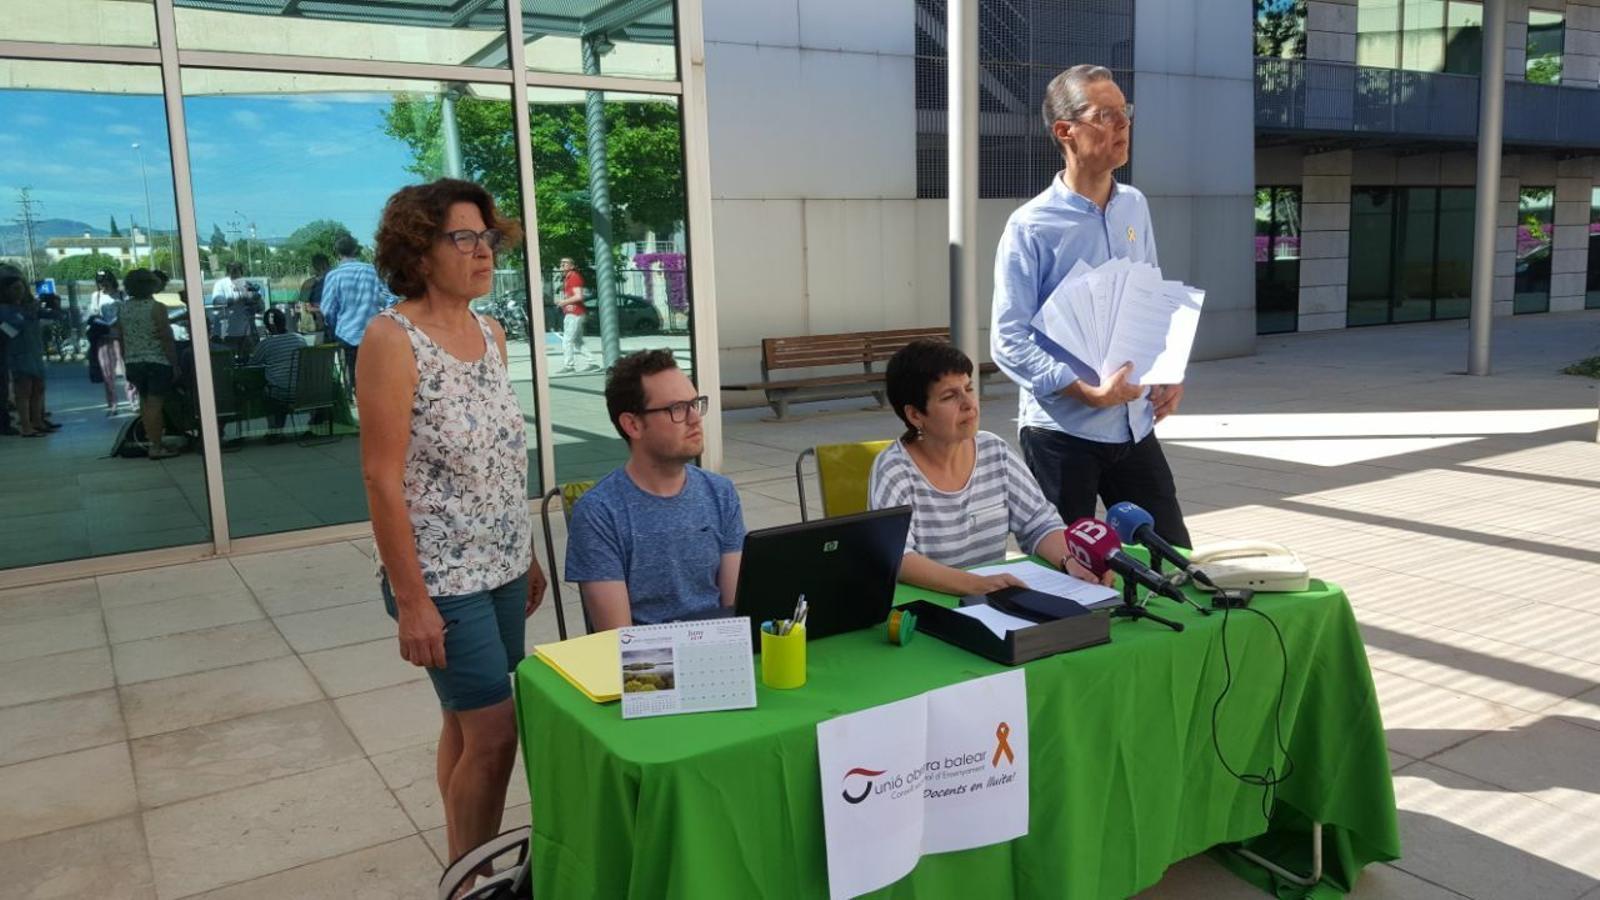 Representants del sindicat UOB a la part exterior de l'edifici on hi ha la conselleria d'Educació